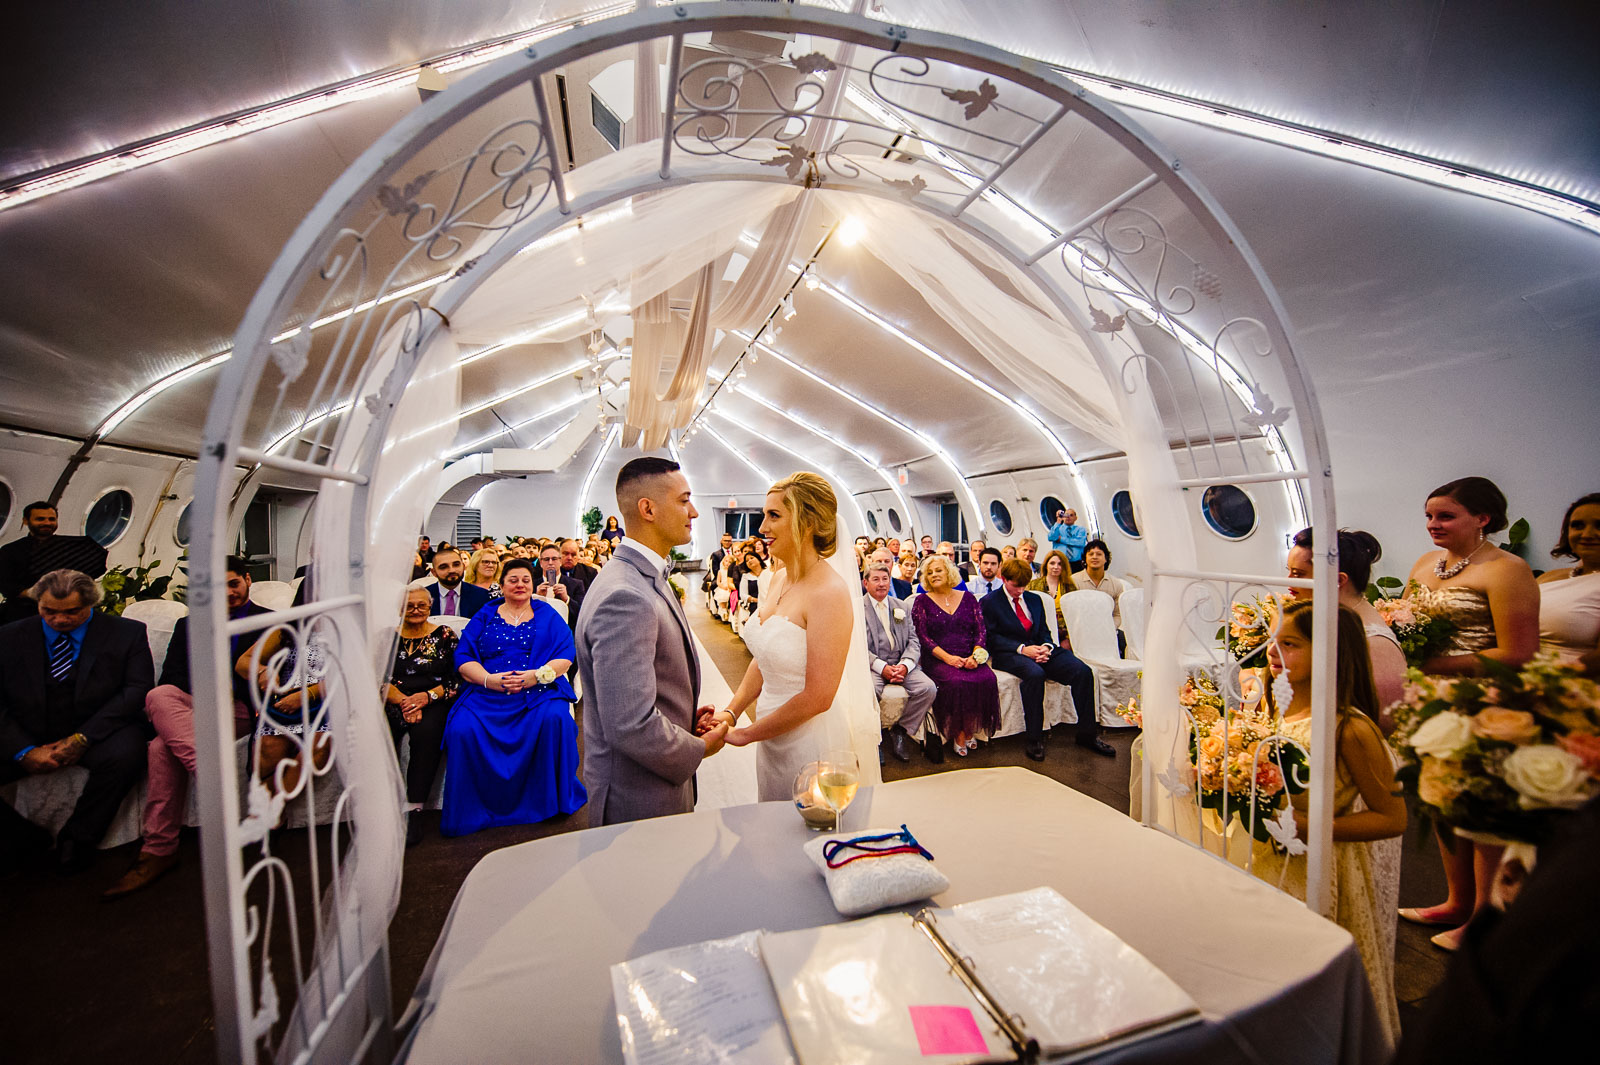 Wedding ceremony under tent